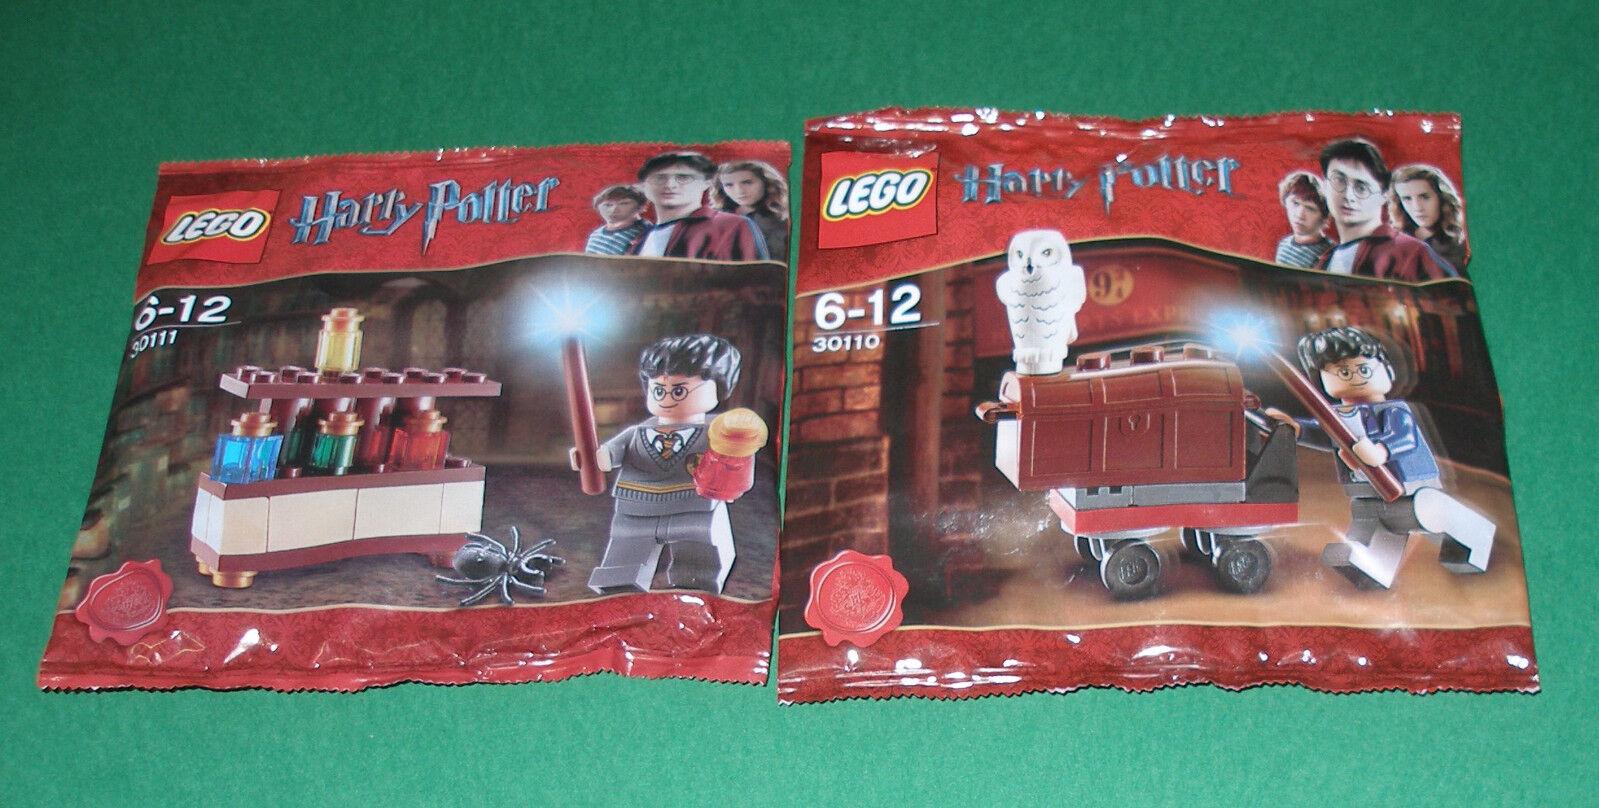 2x LEGO Harry Potter Harry Potter con pozioni e laboratorio con trolley